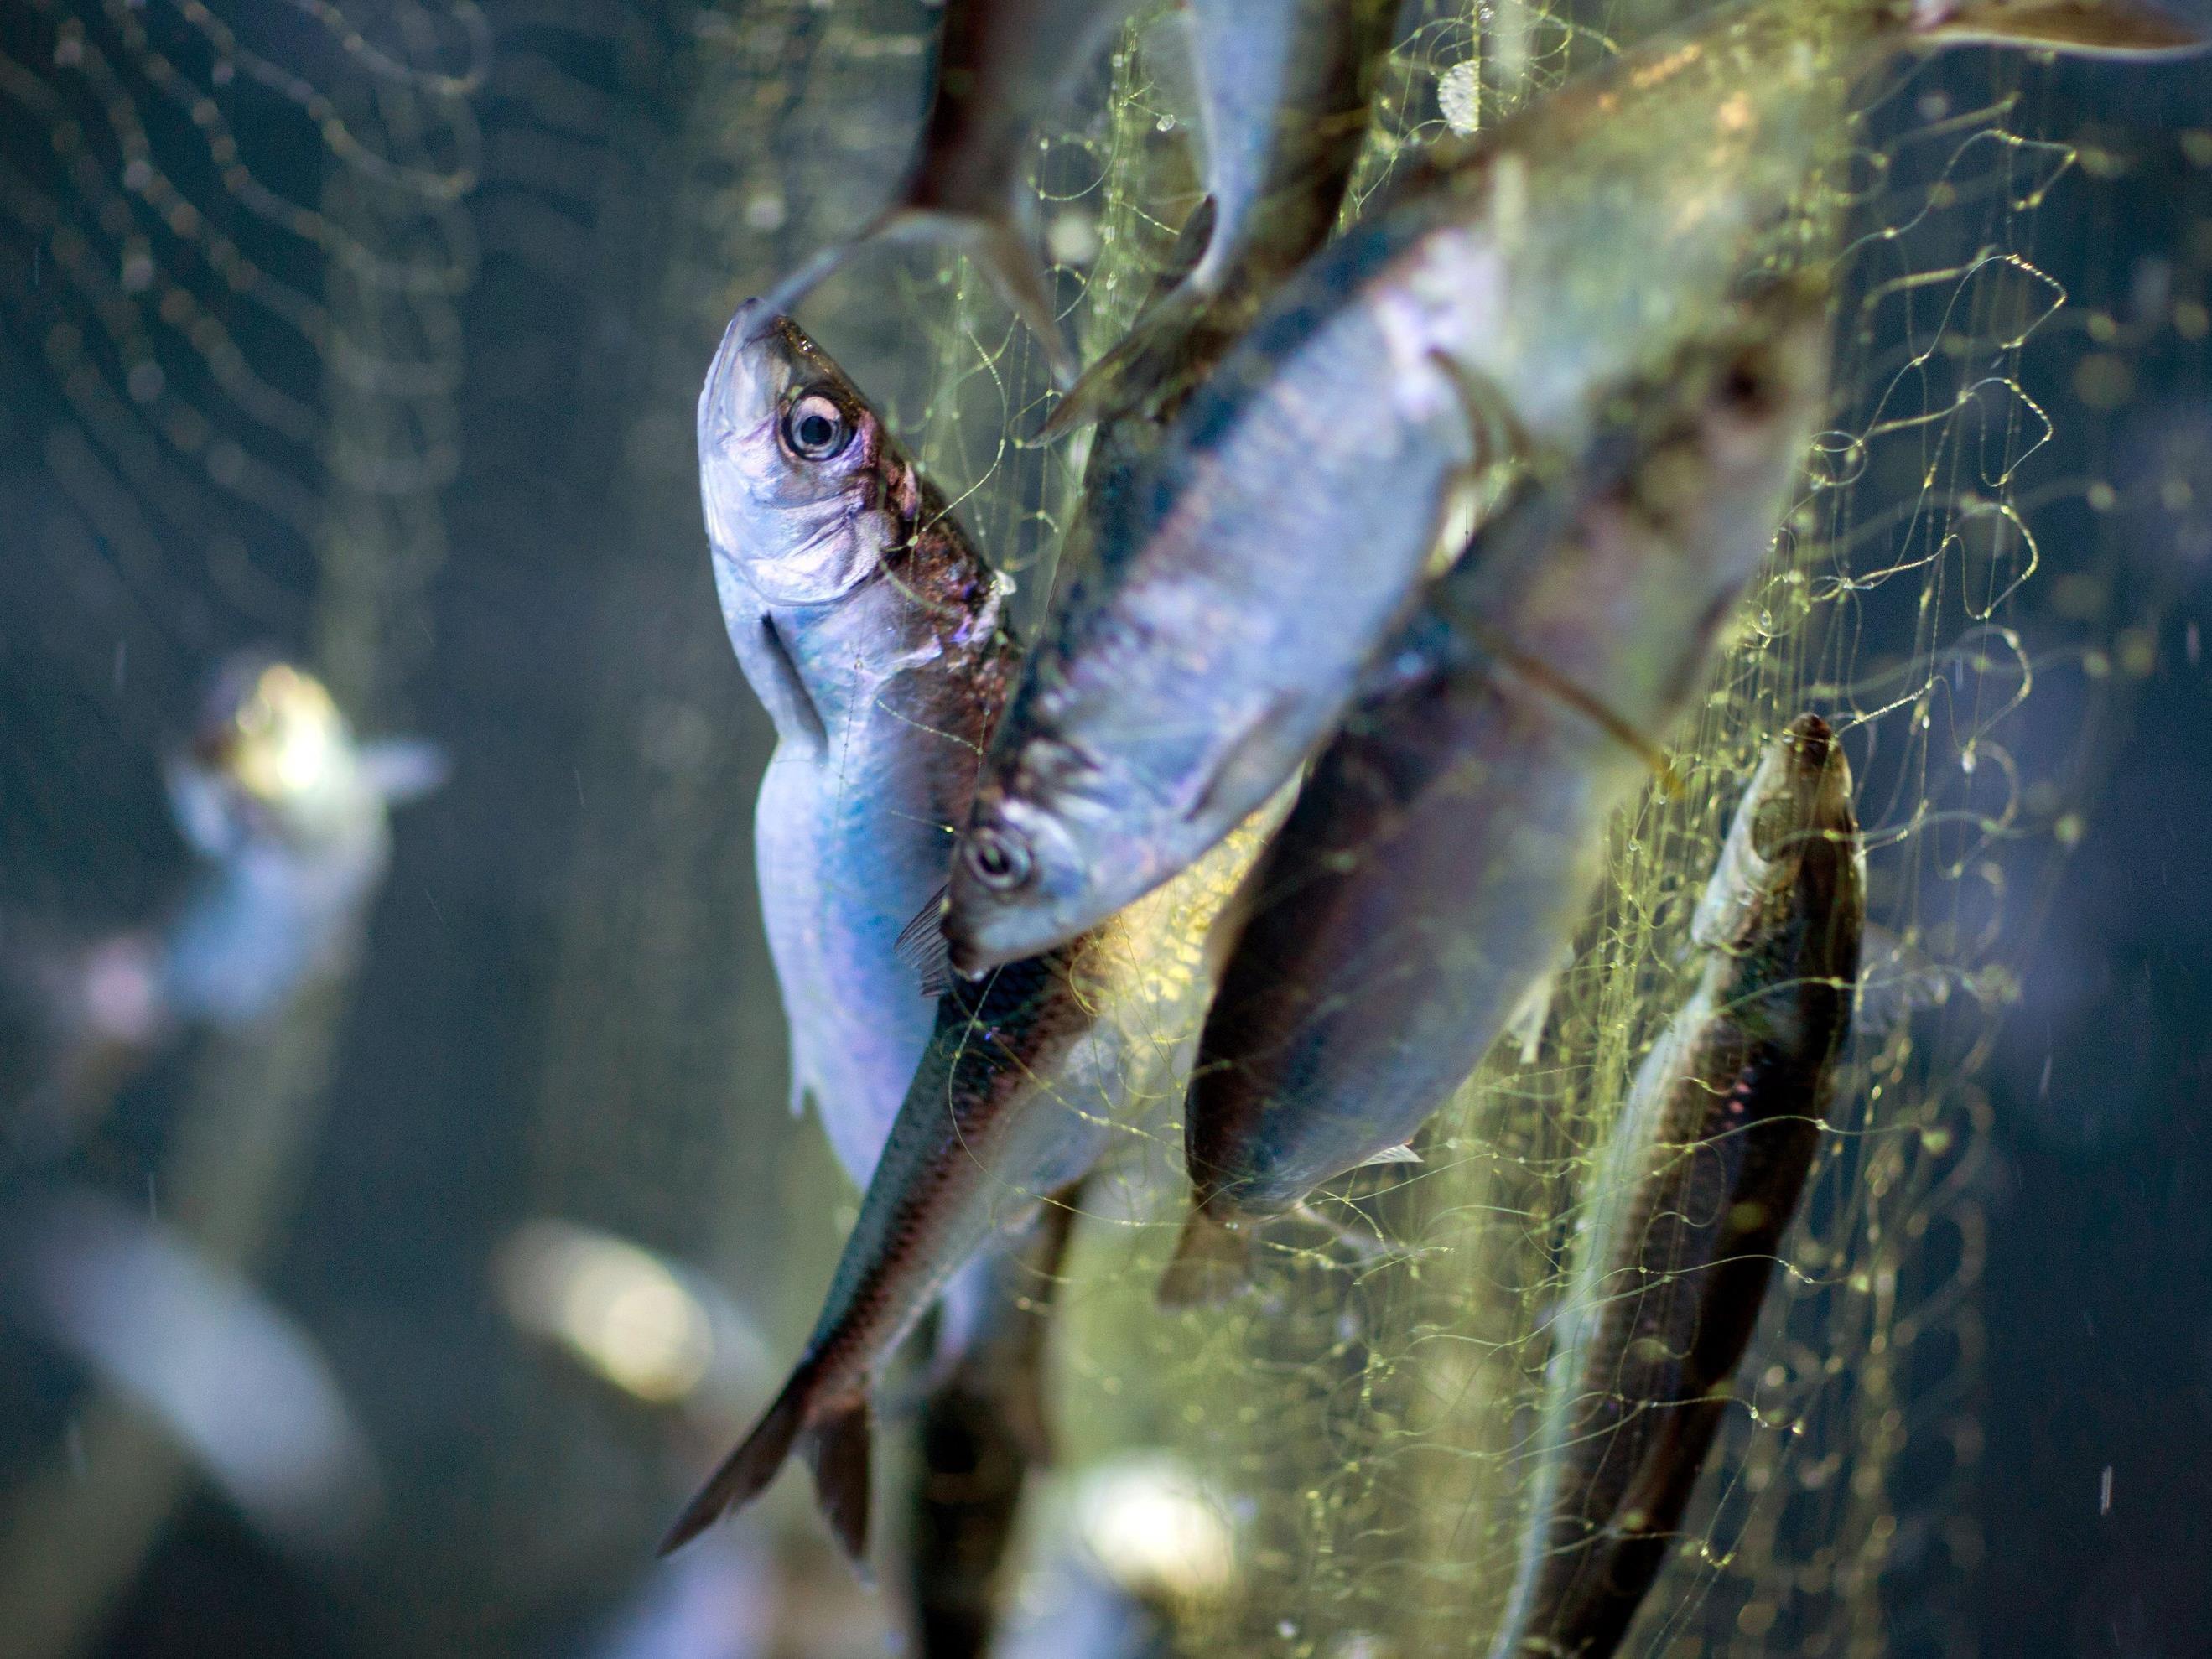 Greenpeace-Test in Supermärkten: Produkte für Heringsschmaus aus kritischen Fanggebieten